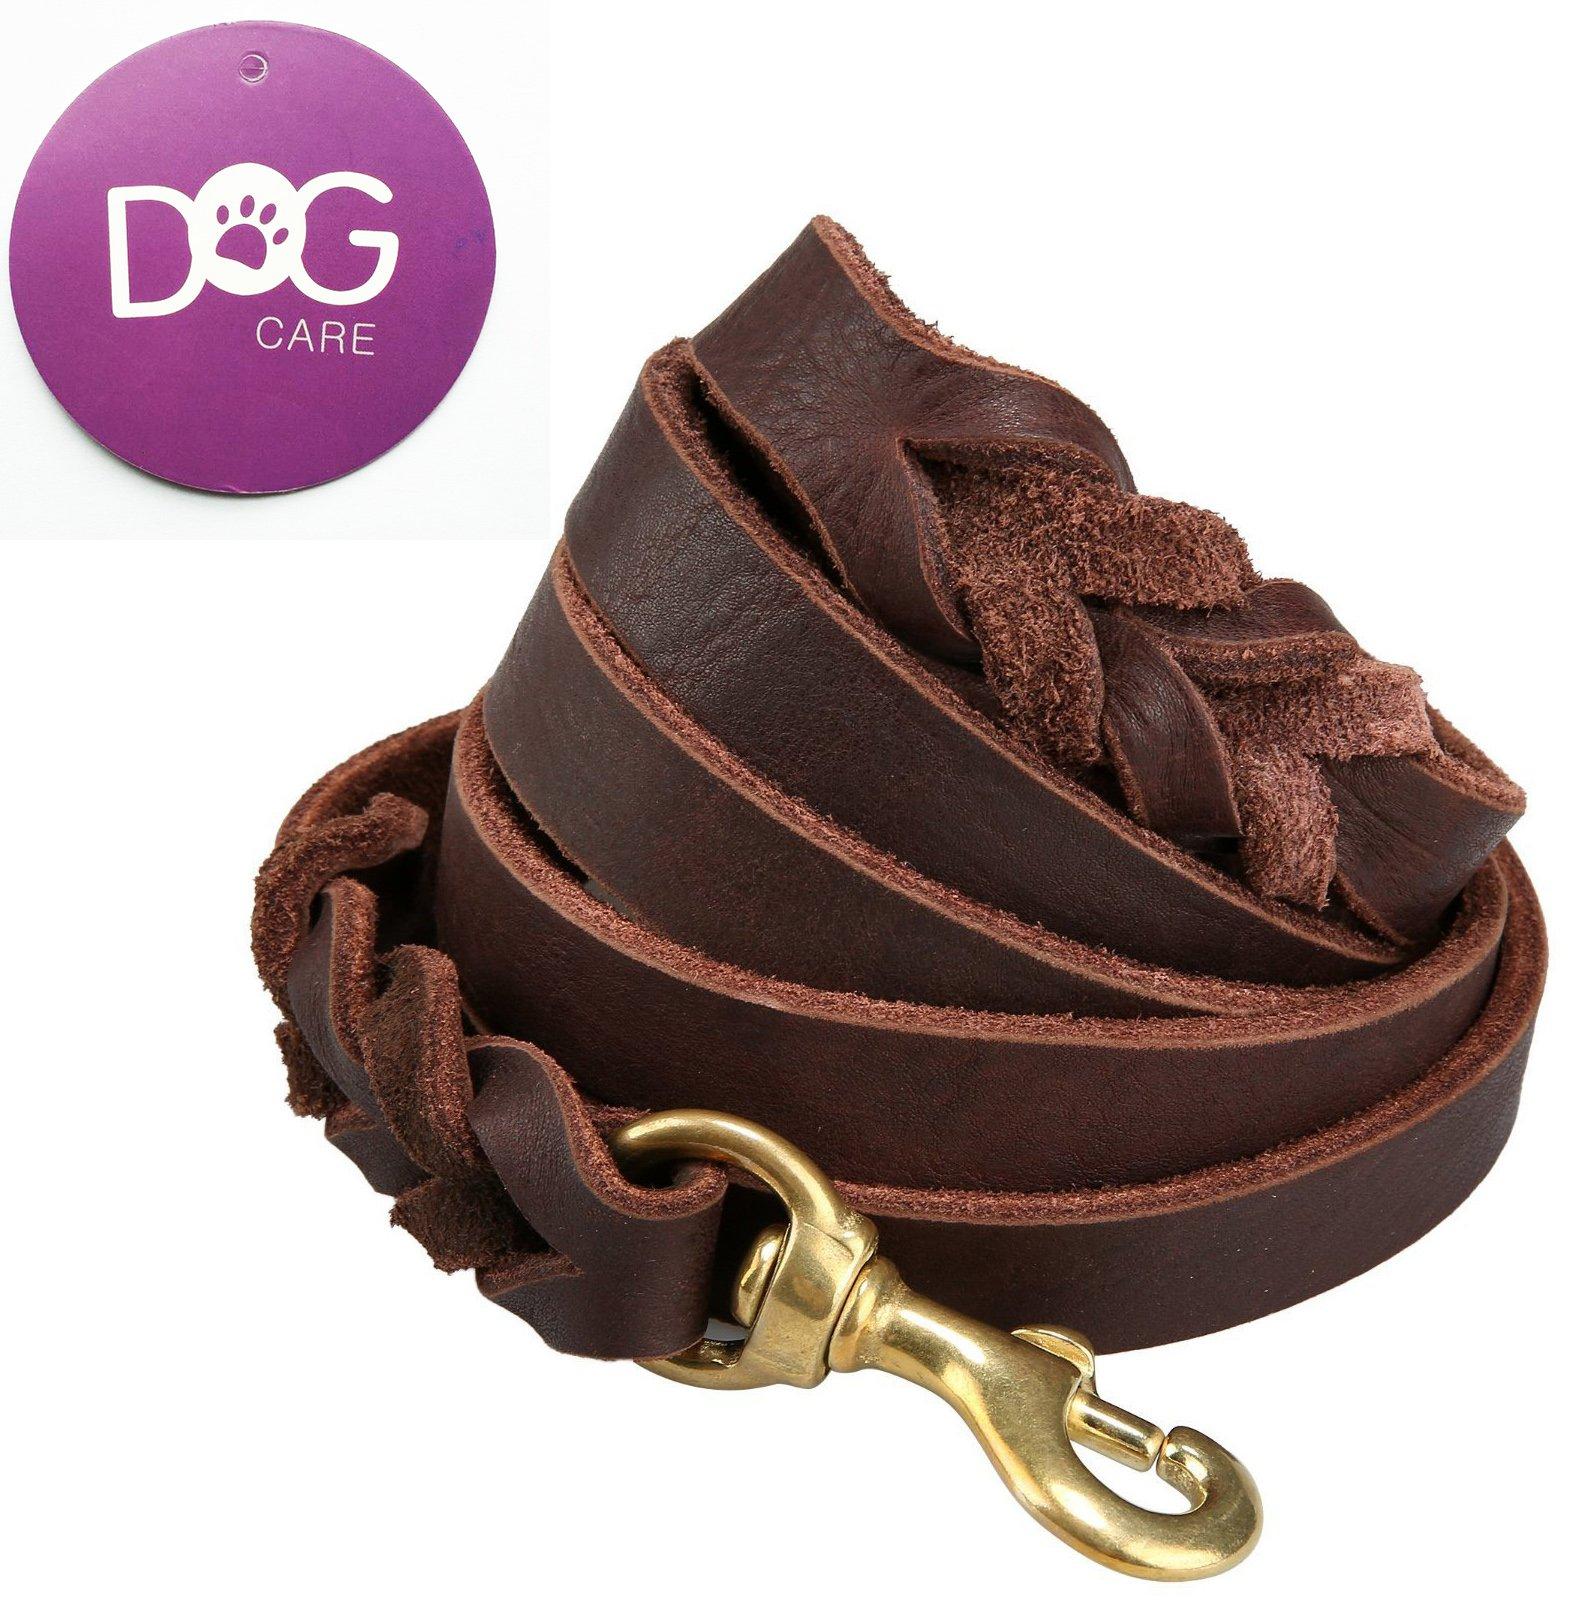 Training Lead Handmade Braided 8 ft Genuine Leather Dog Training Leash Lead, Burgundy by LWBMG